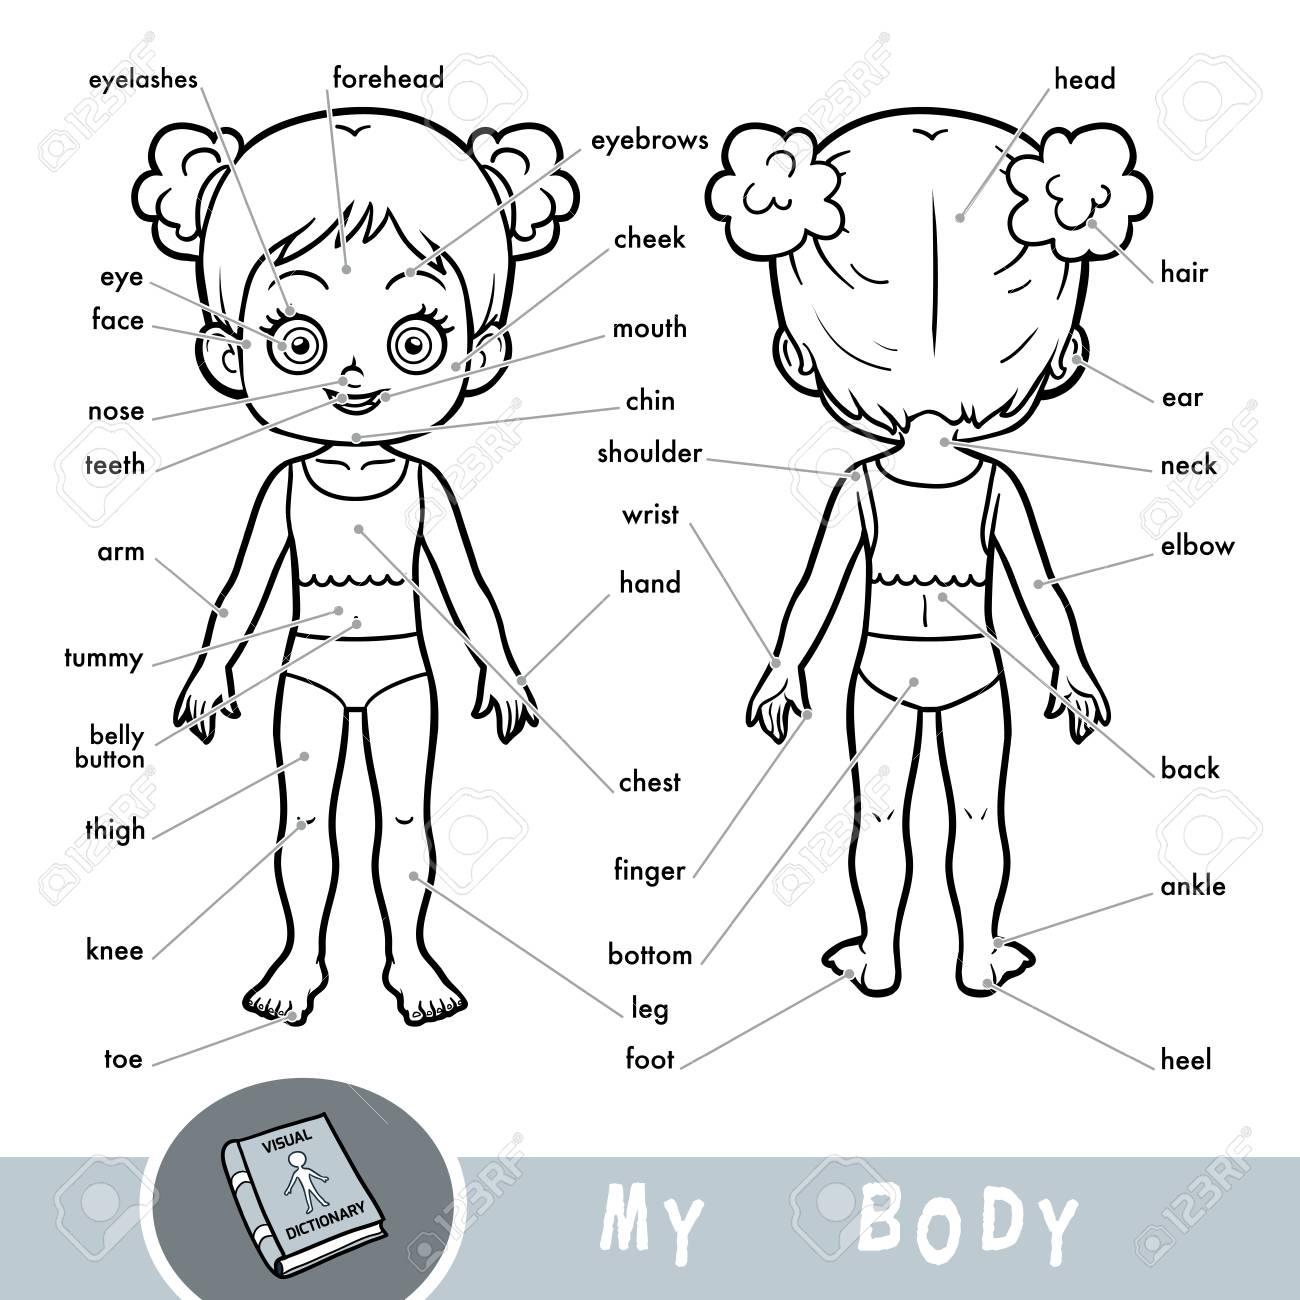 Dictionnaire Visuel De Dessin Animé Pour Enfants Sur Le Corps Humain. Les  Parties De Mon Corps Pour Une Fille. dedans Coloriage Corps Humain Maternelle